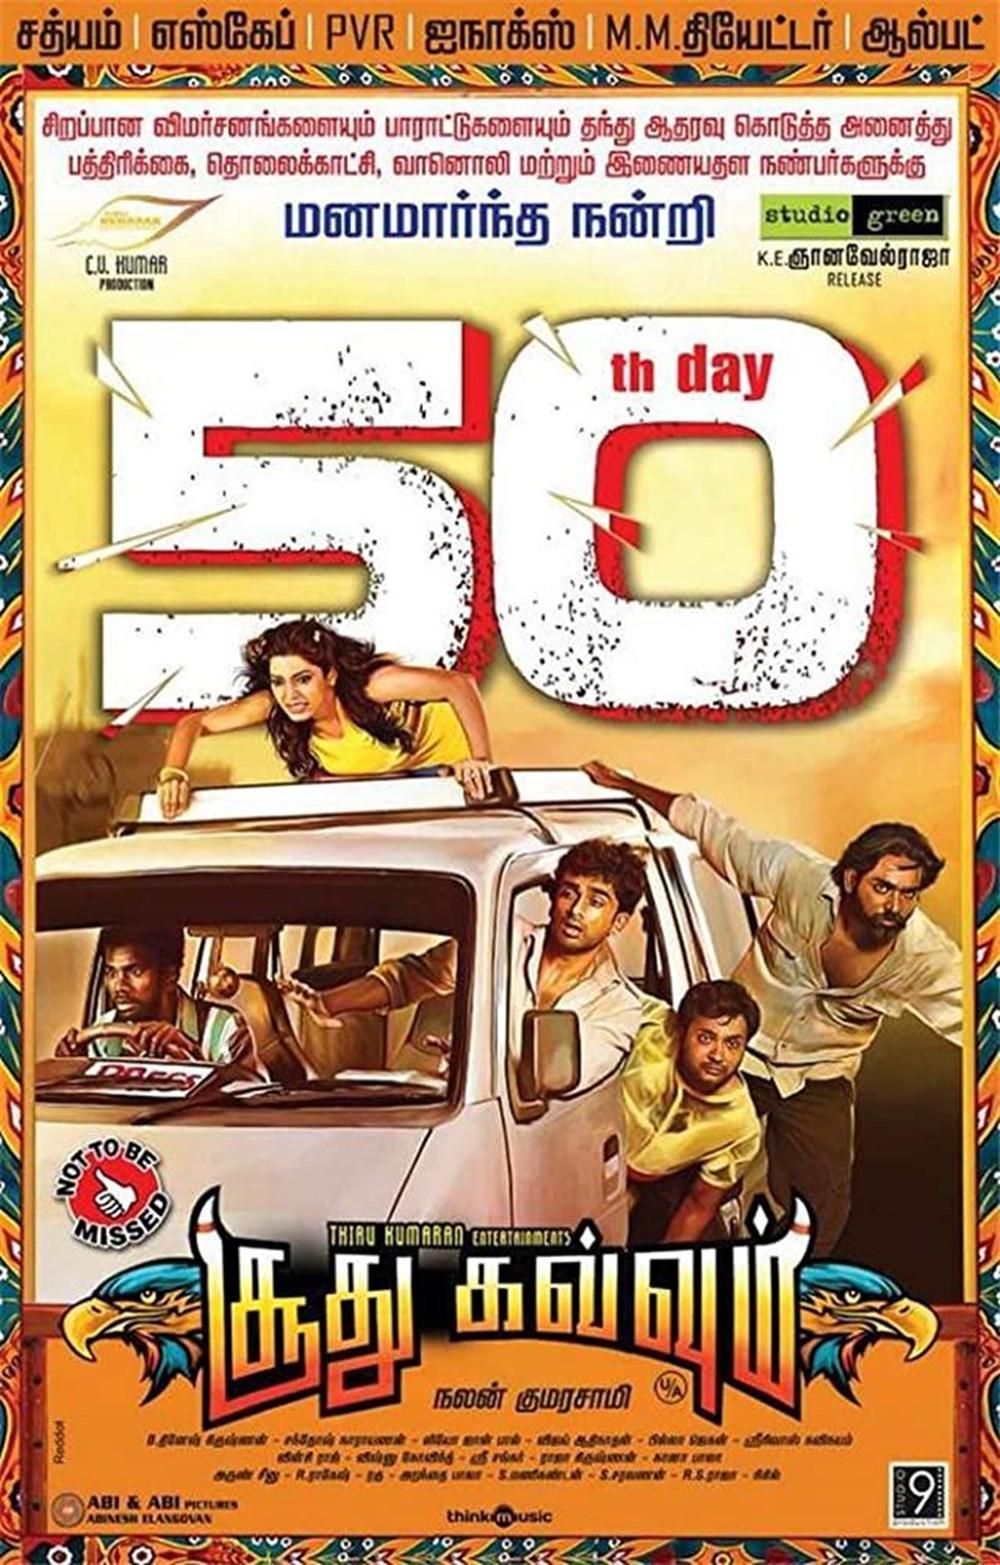 En iyi Hint filmleri - IMDb verileri (Bollywood sineması) - 8